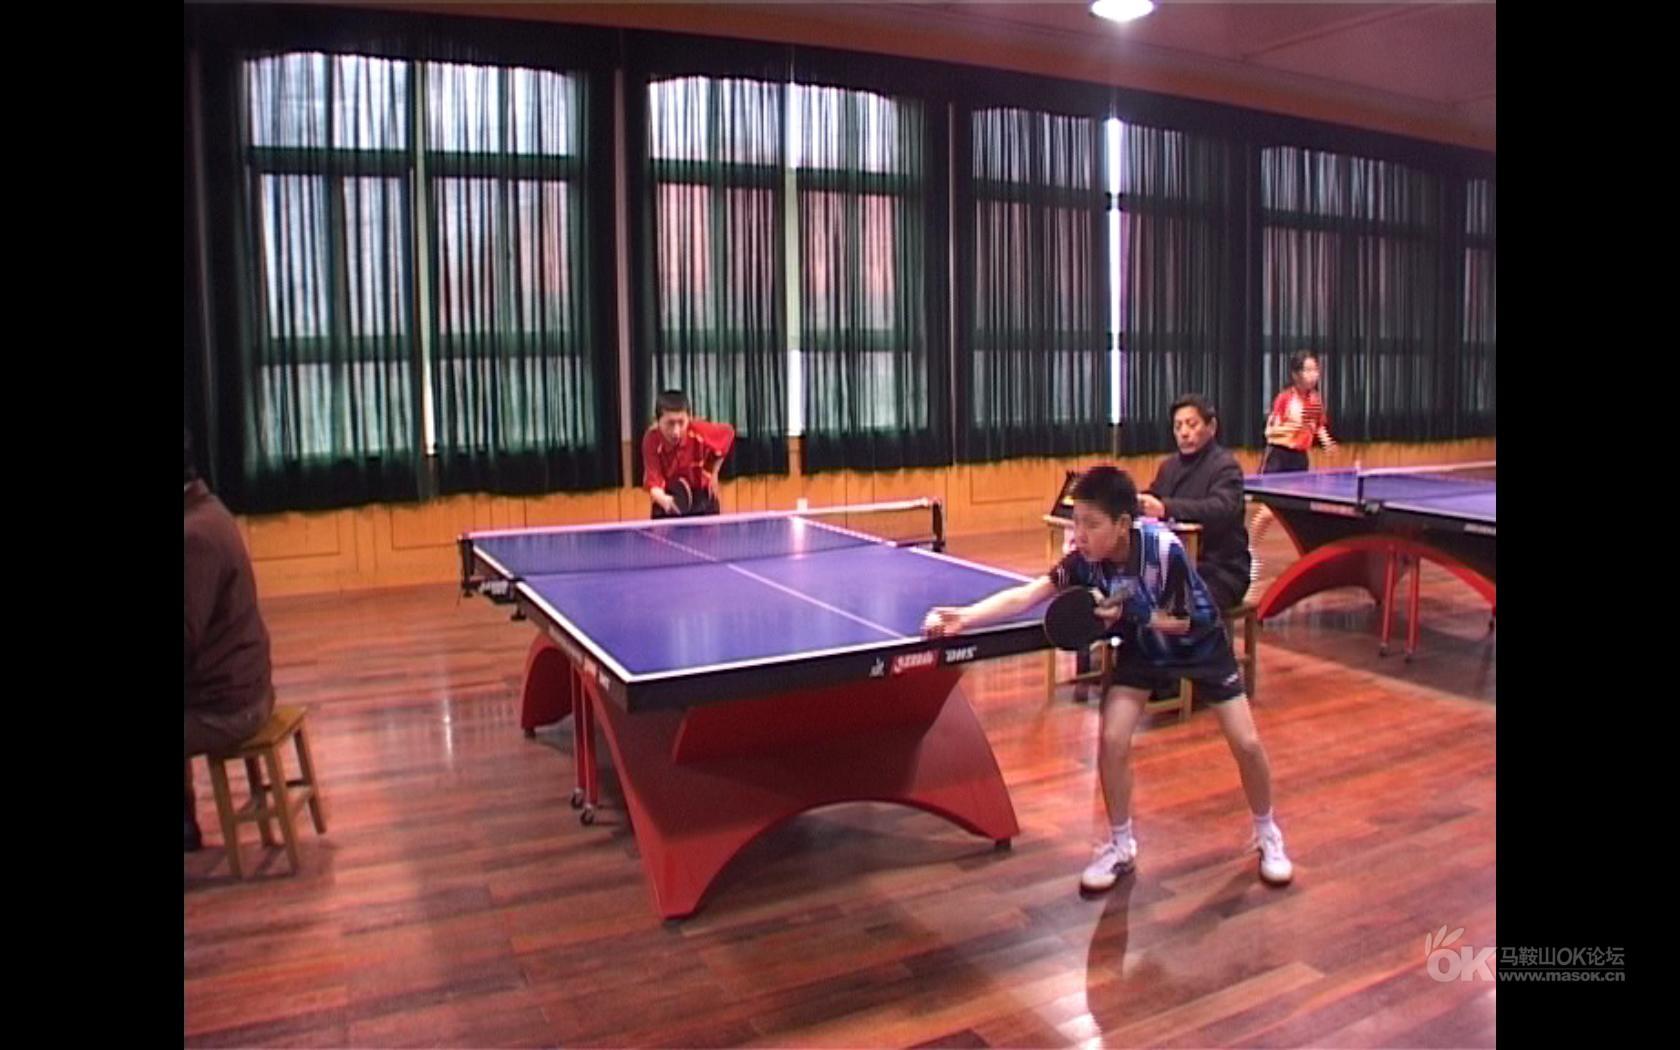 2010年马鞍山市中小学乒乓球配置即时报道-直板球拍比赛图片